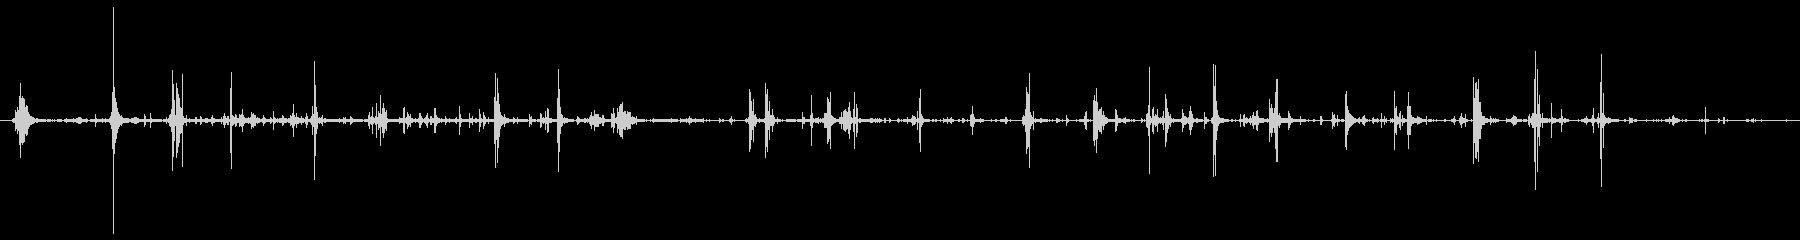 犬 ドリンク03の未再生の波形